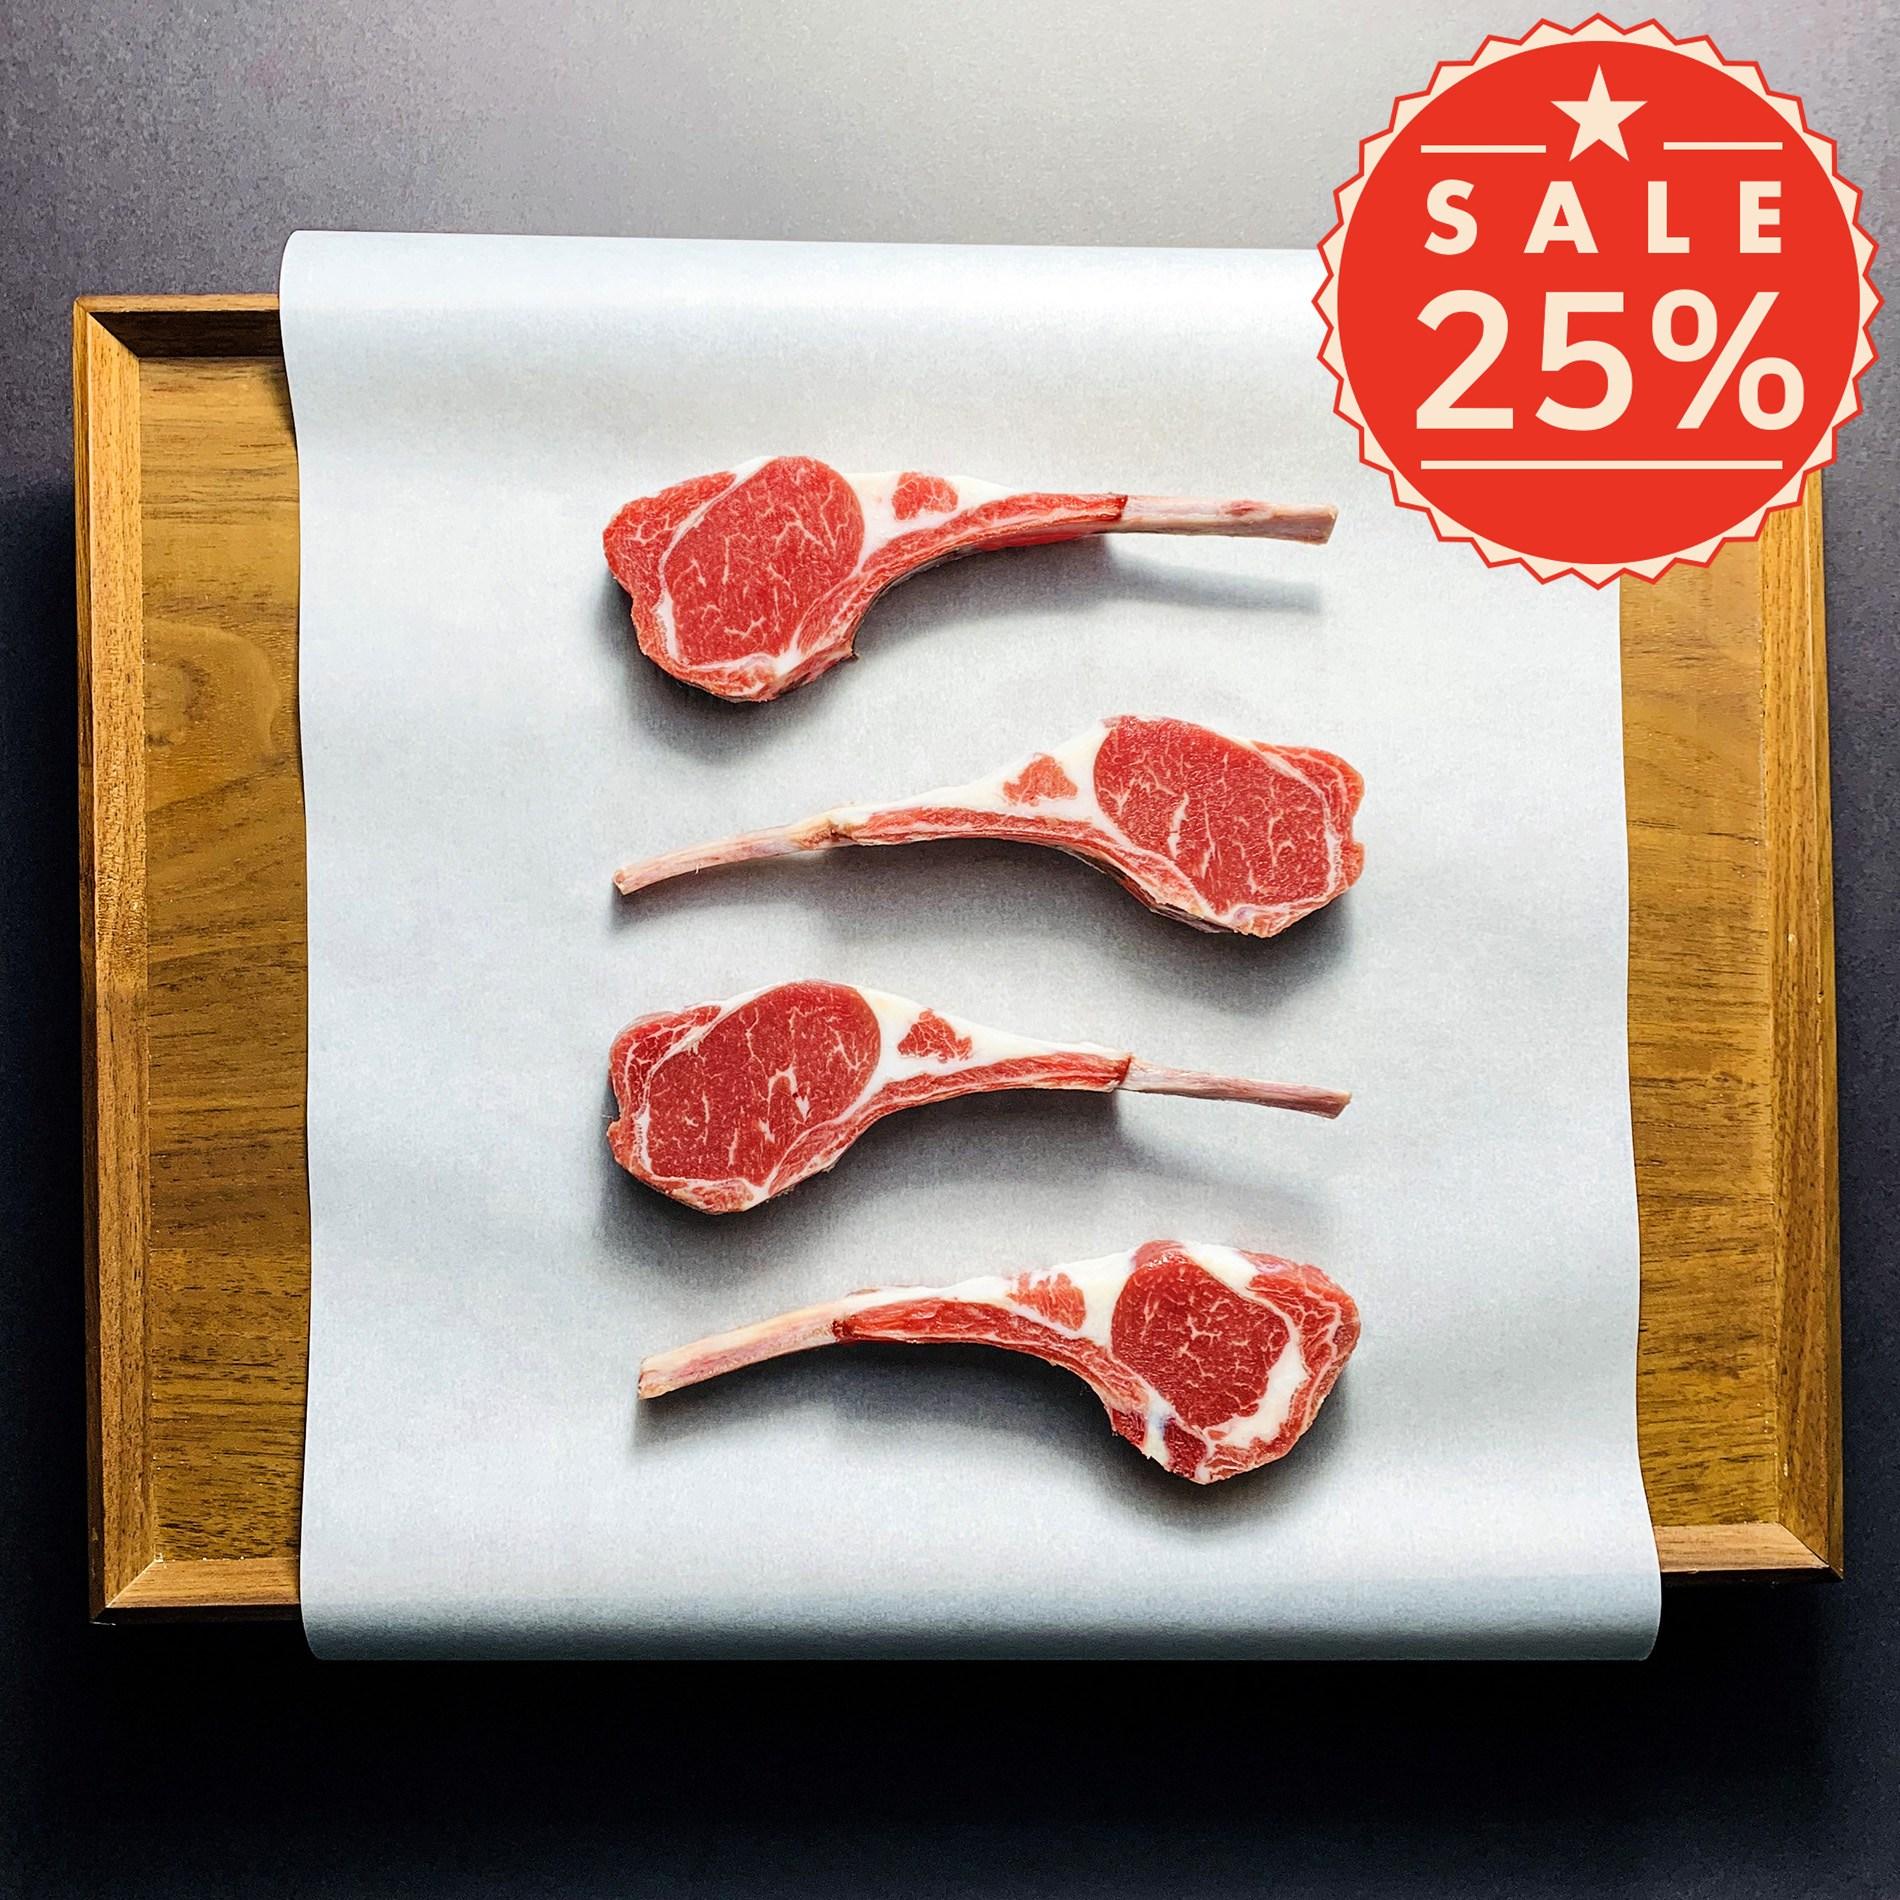 [고기선생] 프리미엄 양갈비 (프렌치랙)(프렌치렉) 500g 호주산 램등급 냉동 스테이크용 구이용, 1개